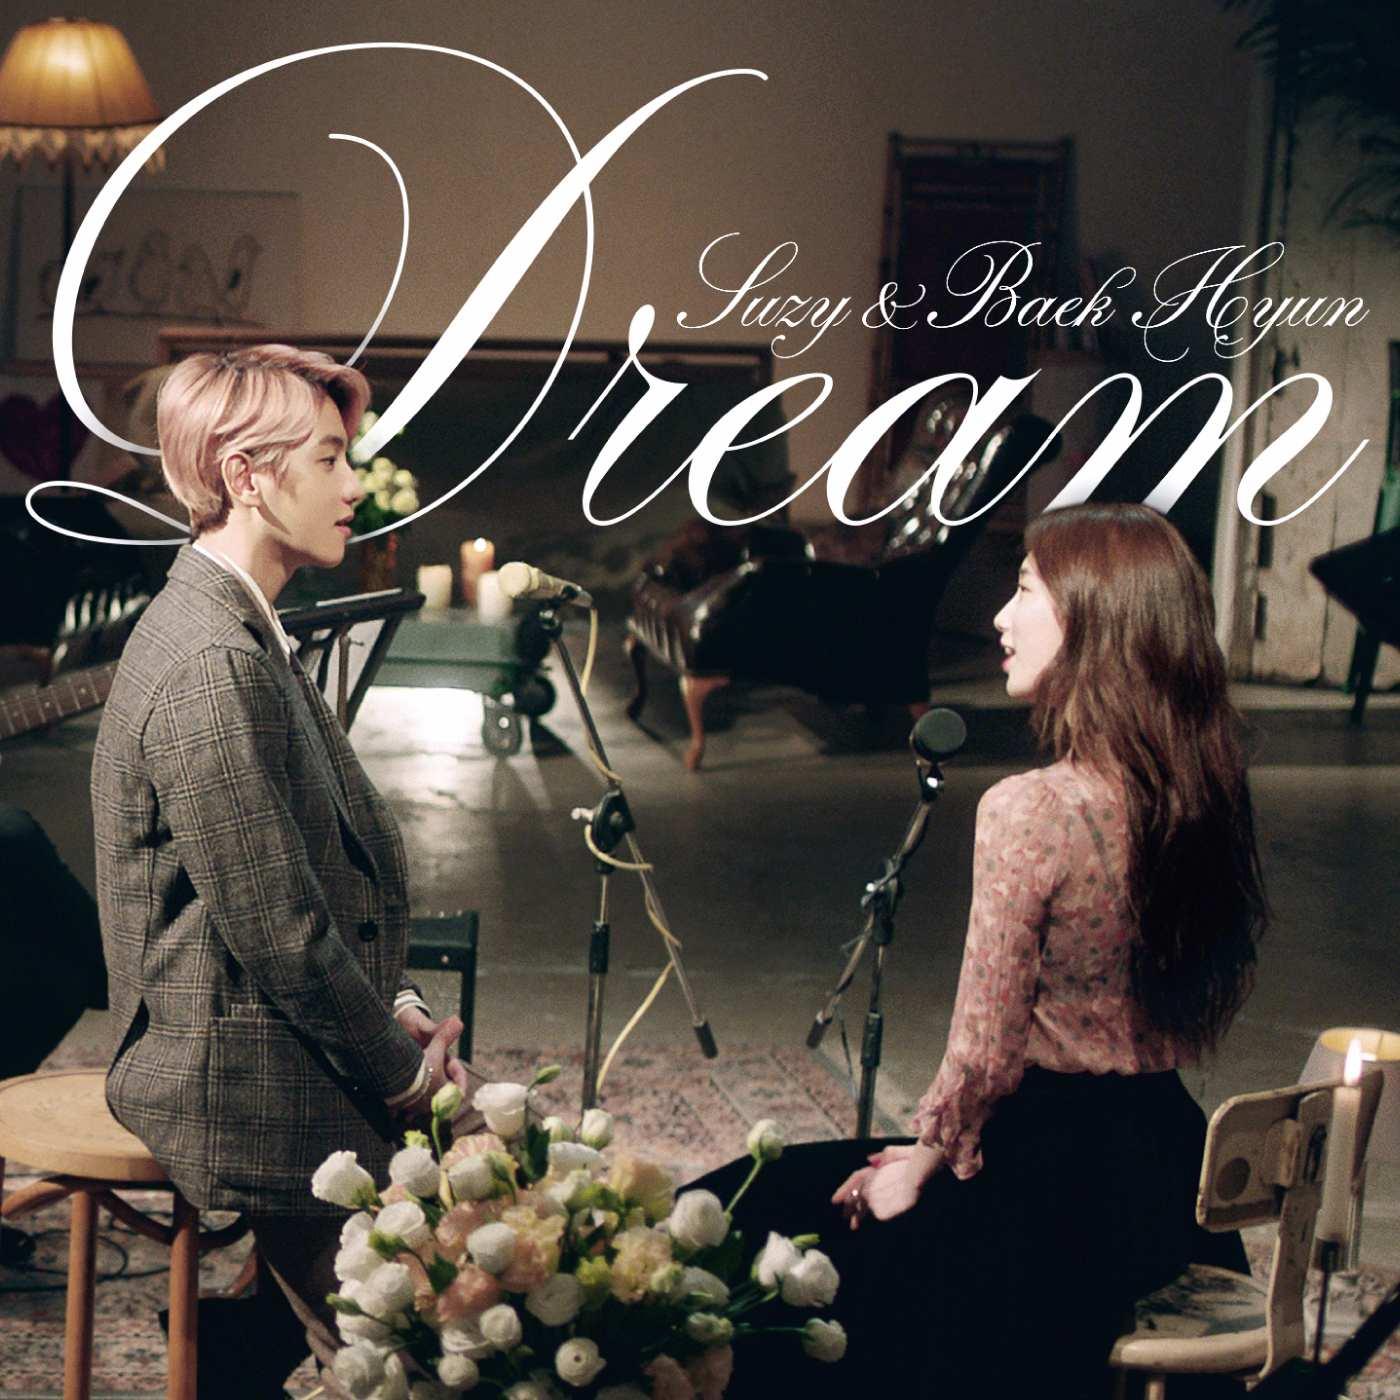 由伯賢和秀智合作的男女對唱歌曲〈Dream〉,雖然不是走動感舞曲路線,但以簡單動人的旋律,在「韓國人今年最愛歌曲TOP15」排行中名列前茅!